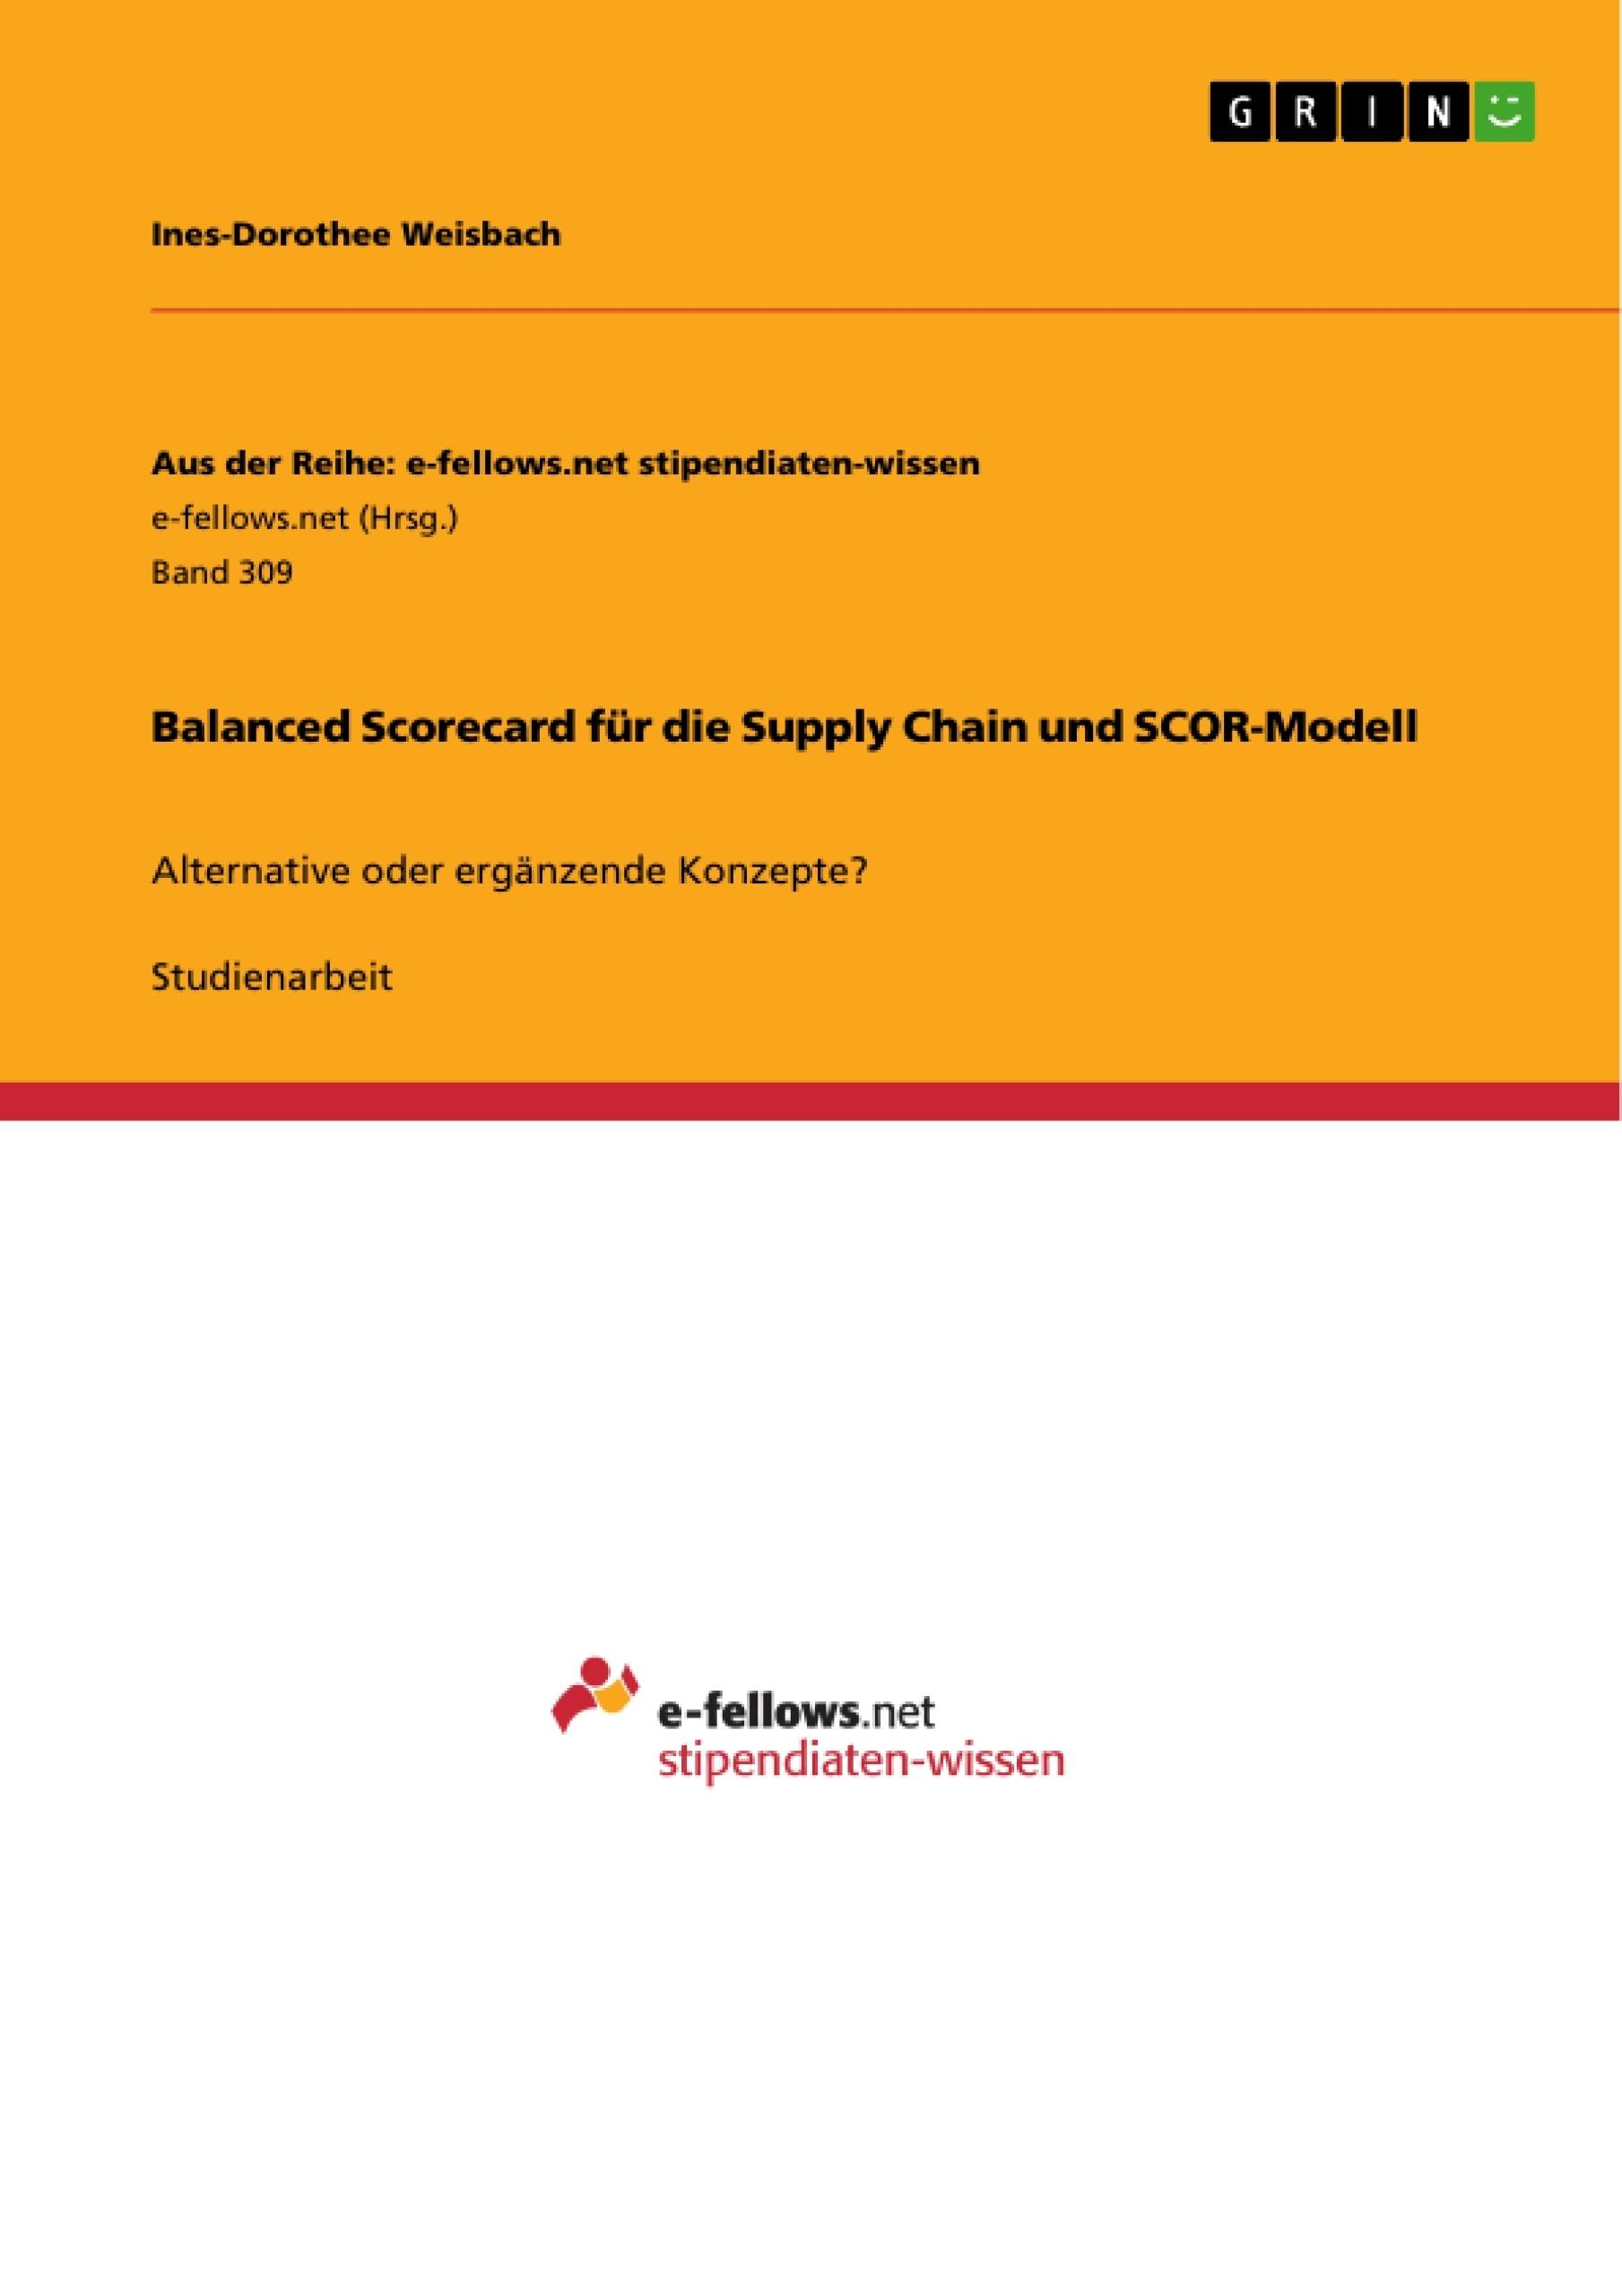 Titel: Balanced Scorecard für die Supply Chain und SCOR-Modell